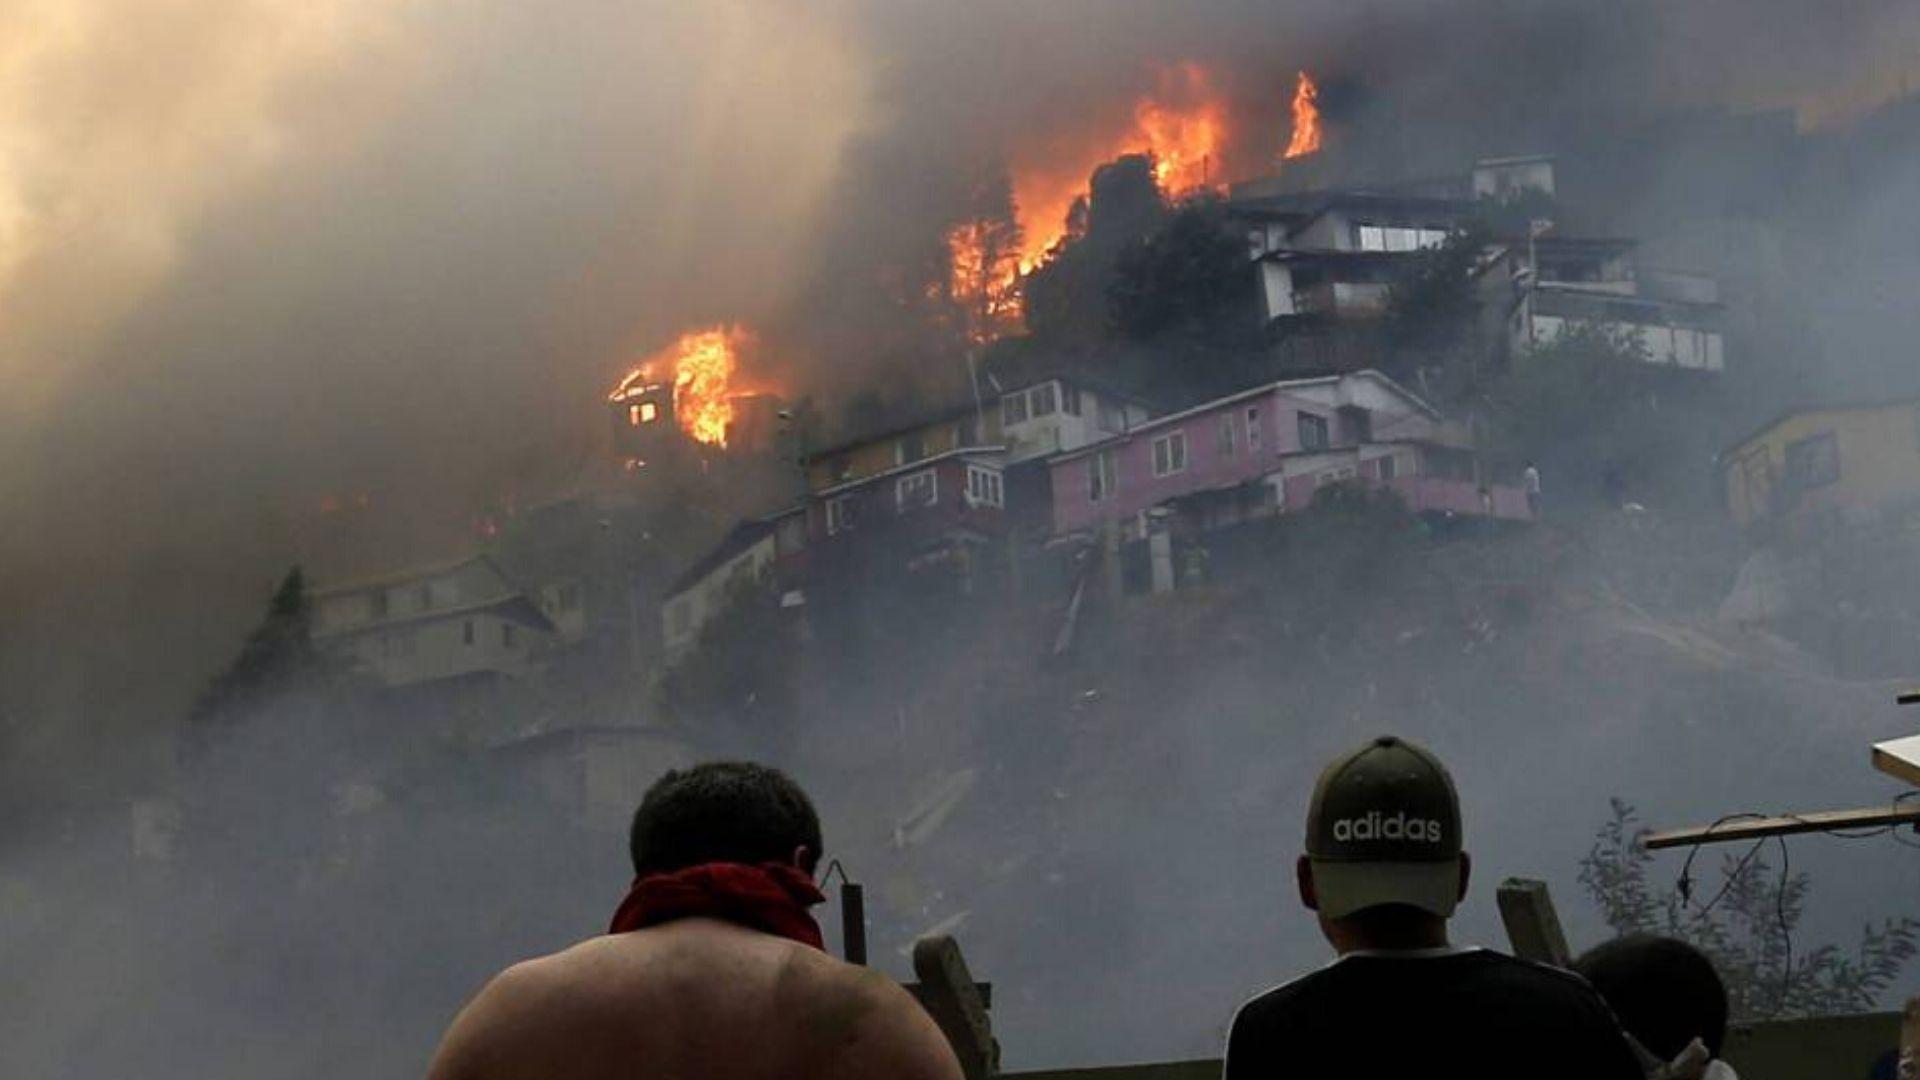 Centenar de viviendas quedan calcinadas por incendio forestal durante Nochebuena en Chile